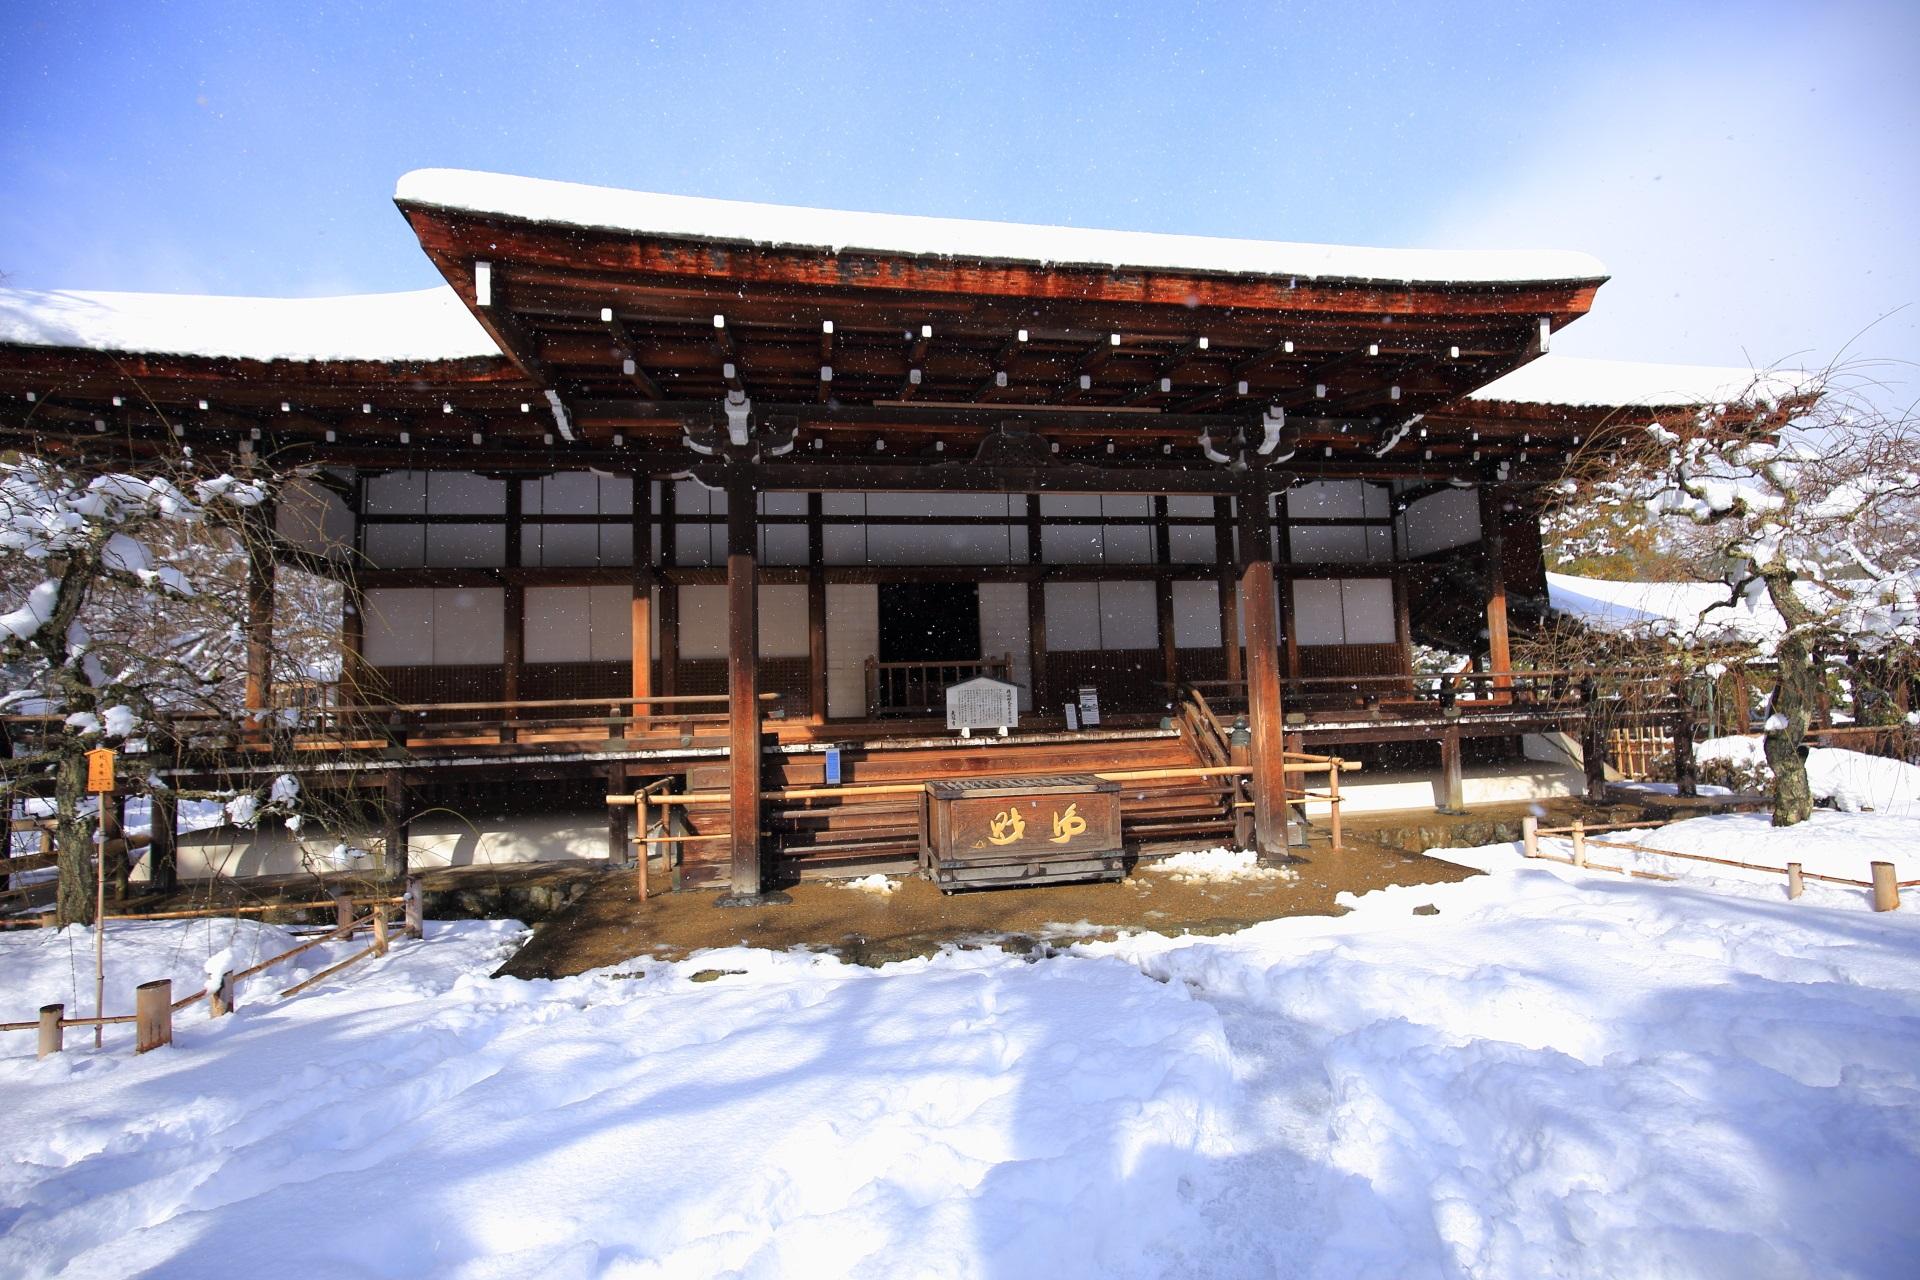 天龍寺の多宝殿の雪景色